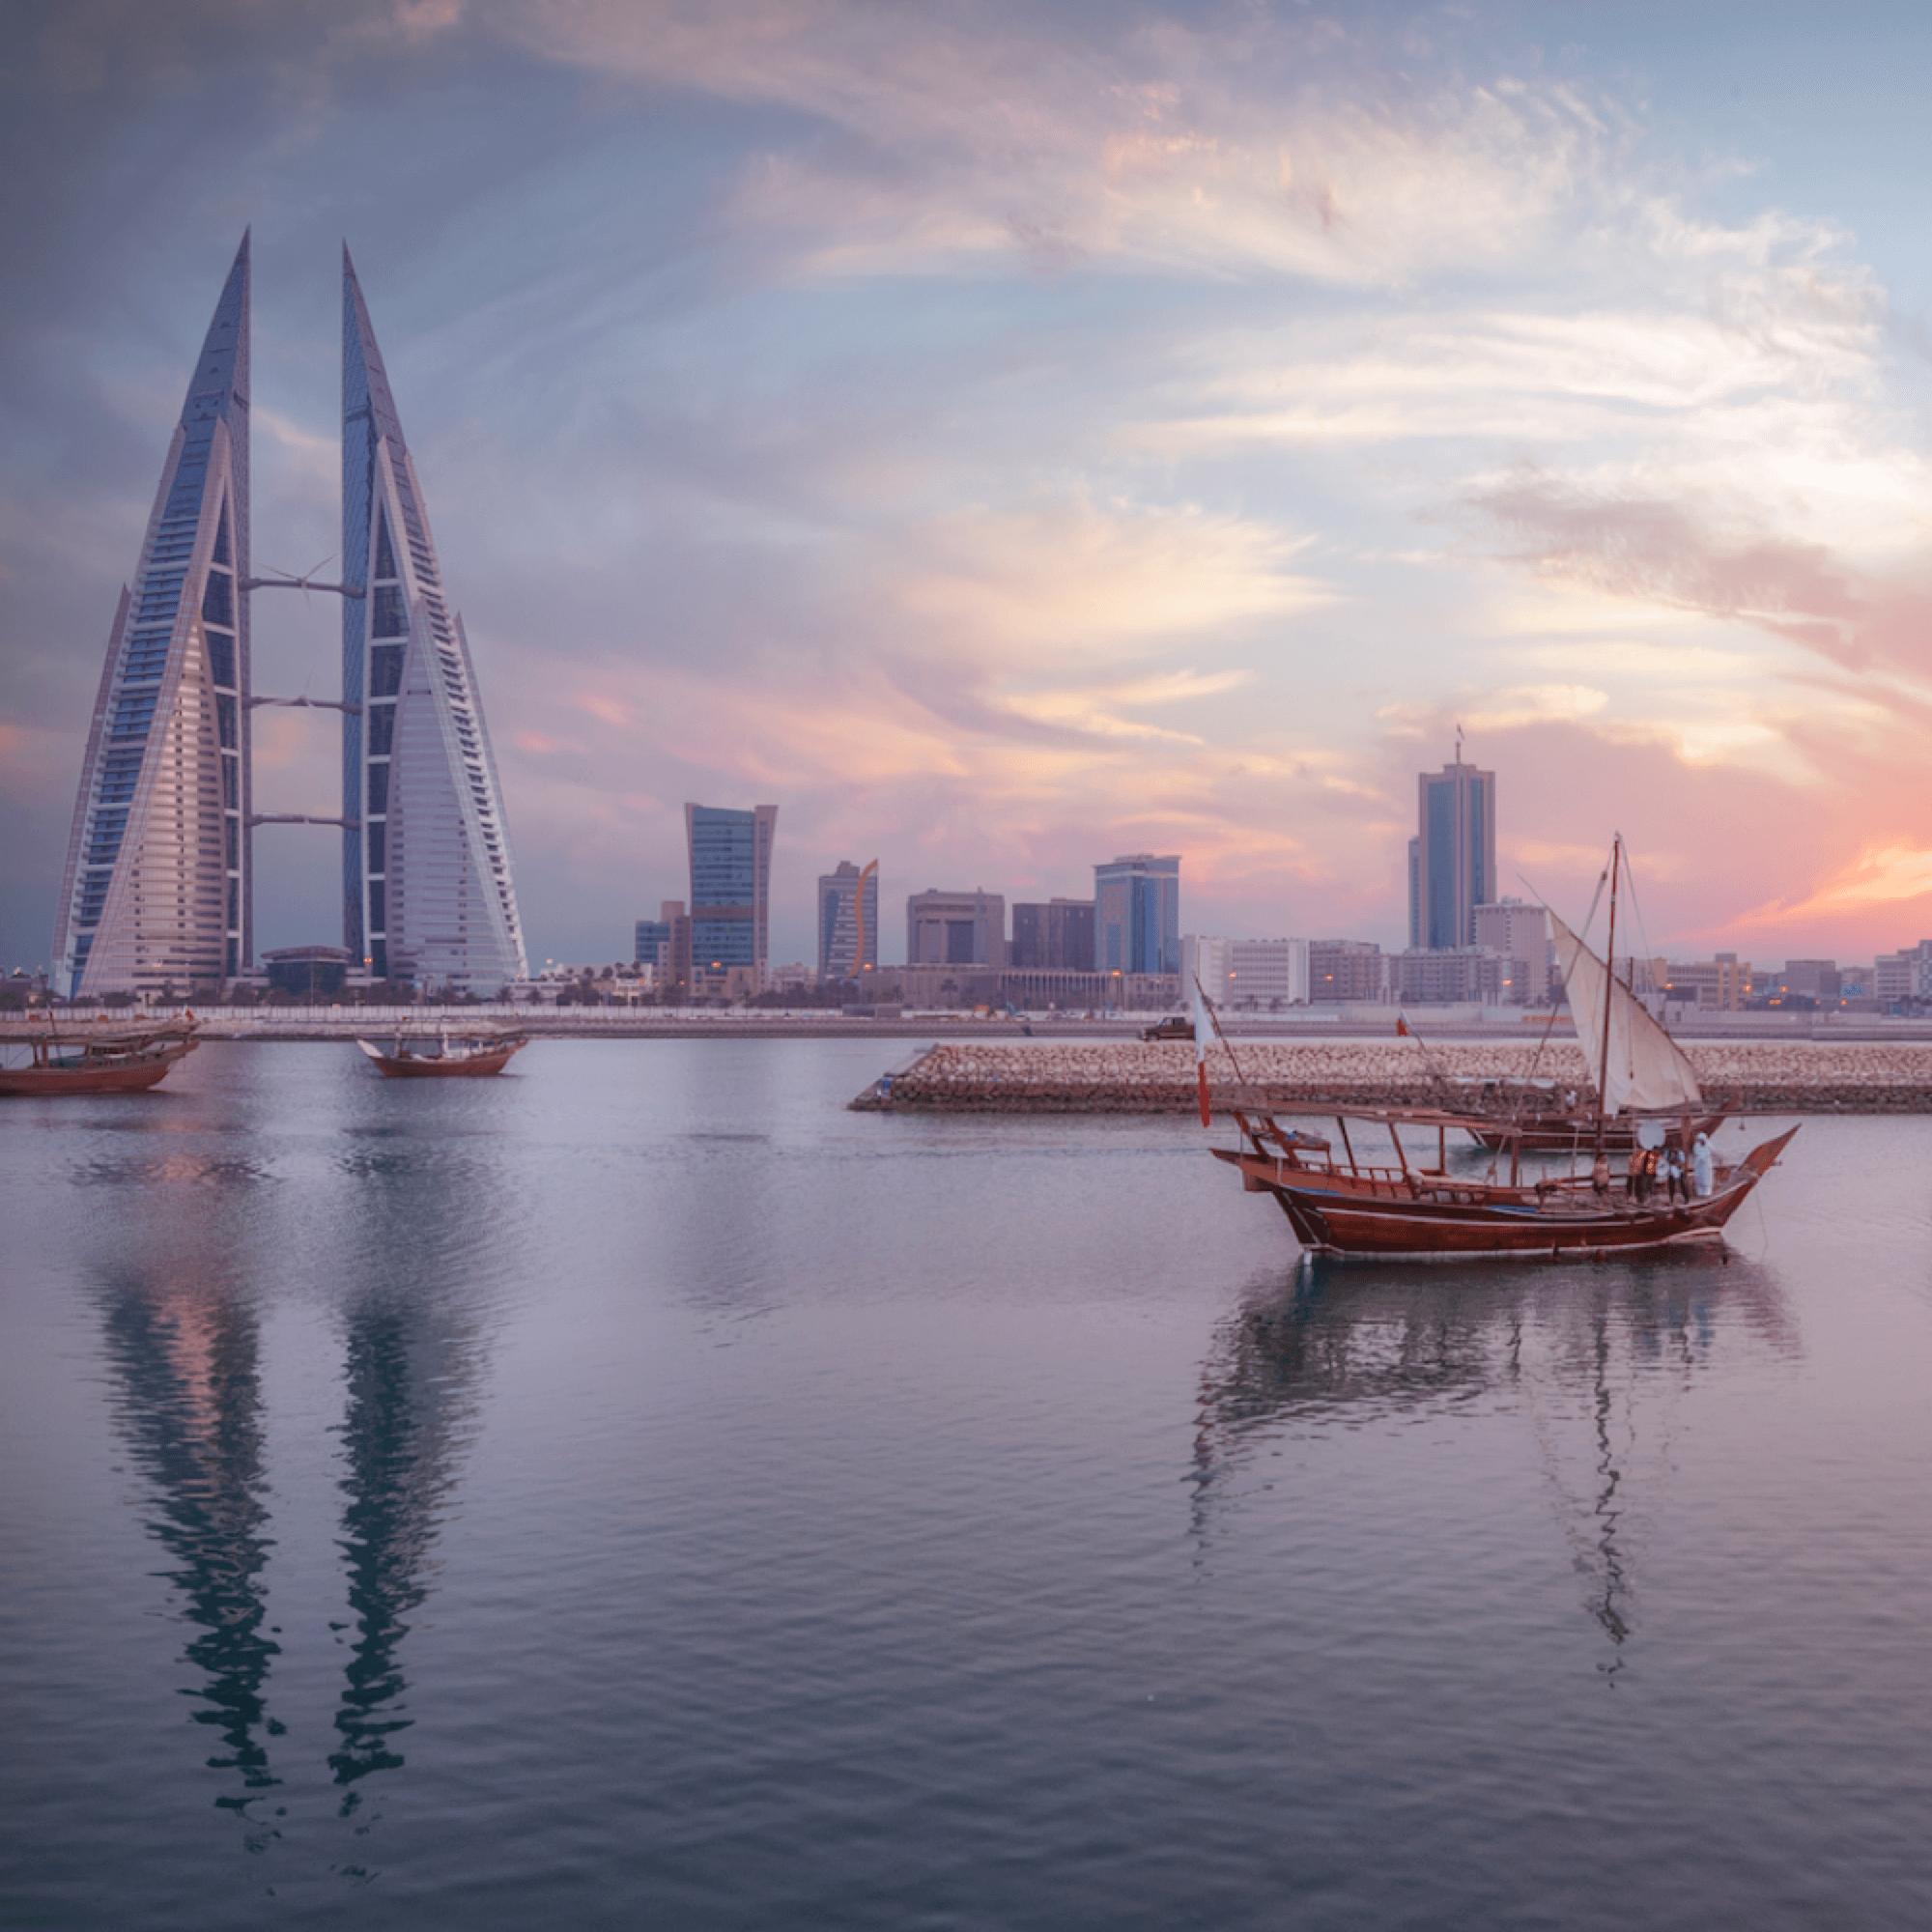 Bahrain.com